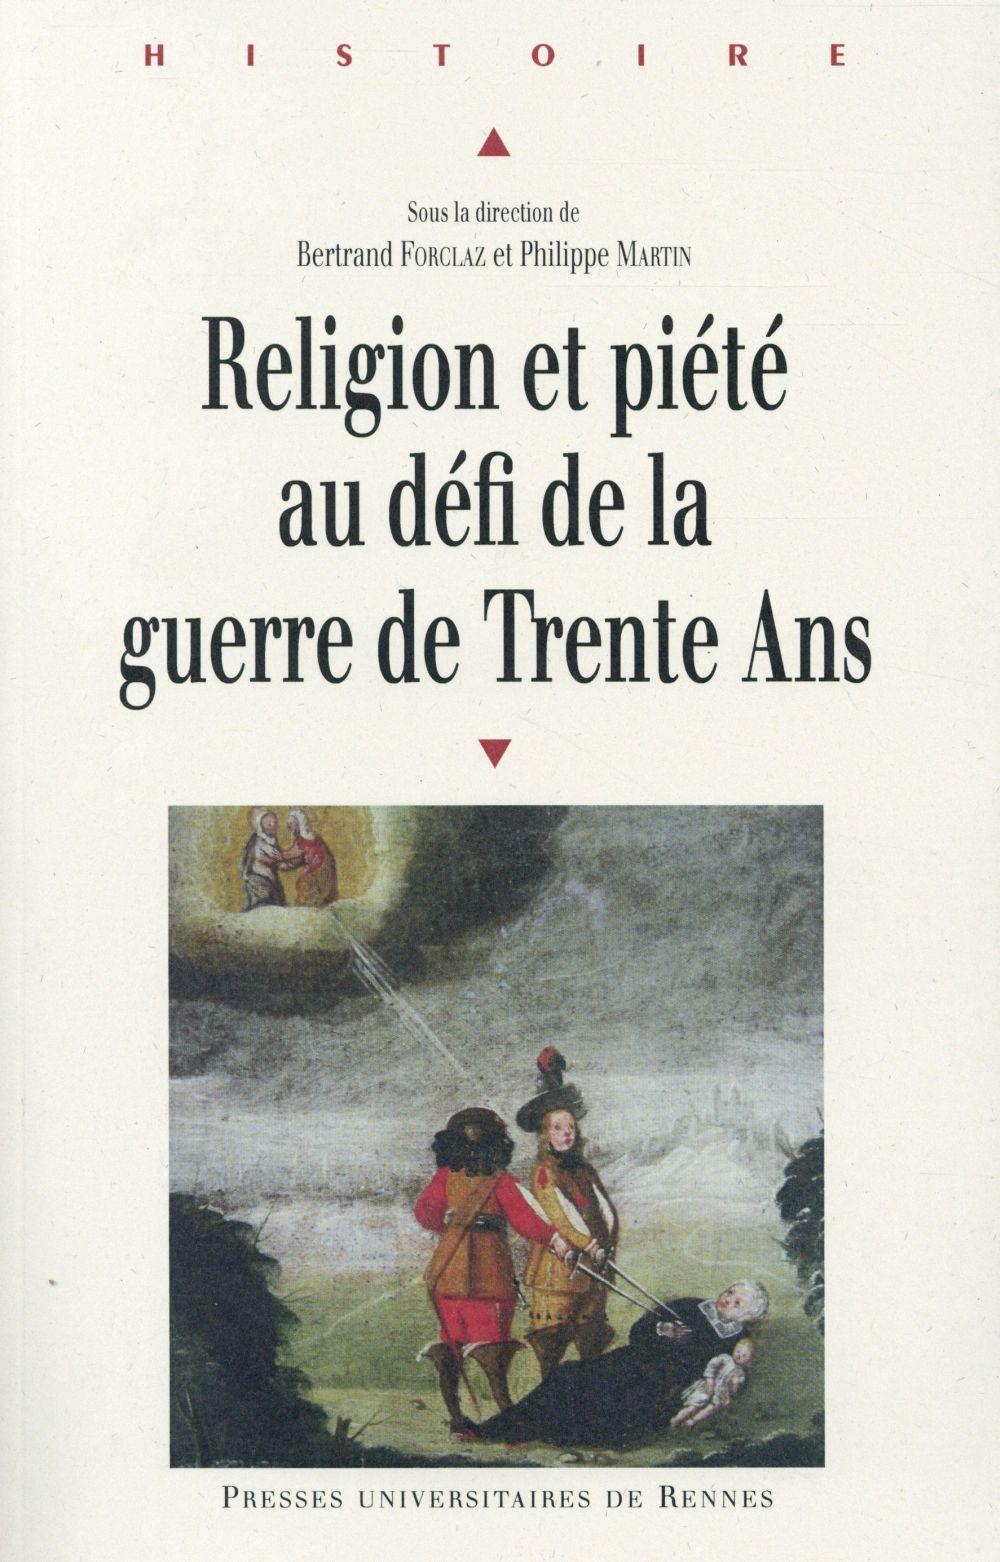 RELIGION ET PIETE AU DEFI DE LA GUERRE DE TRENTE ANS